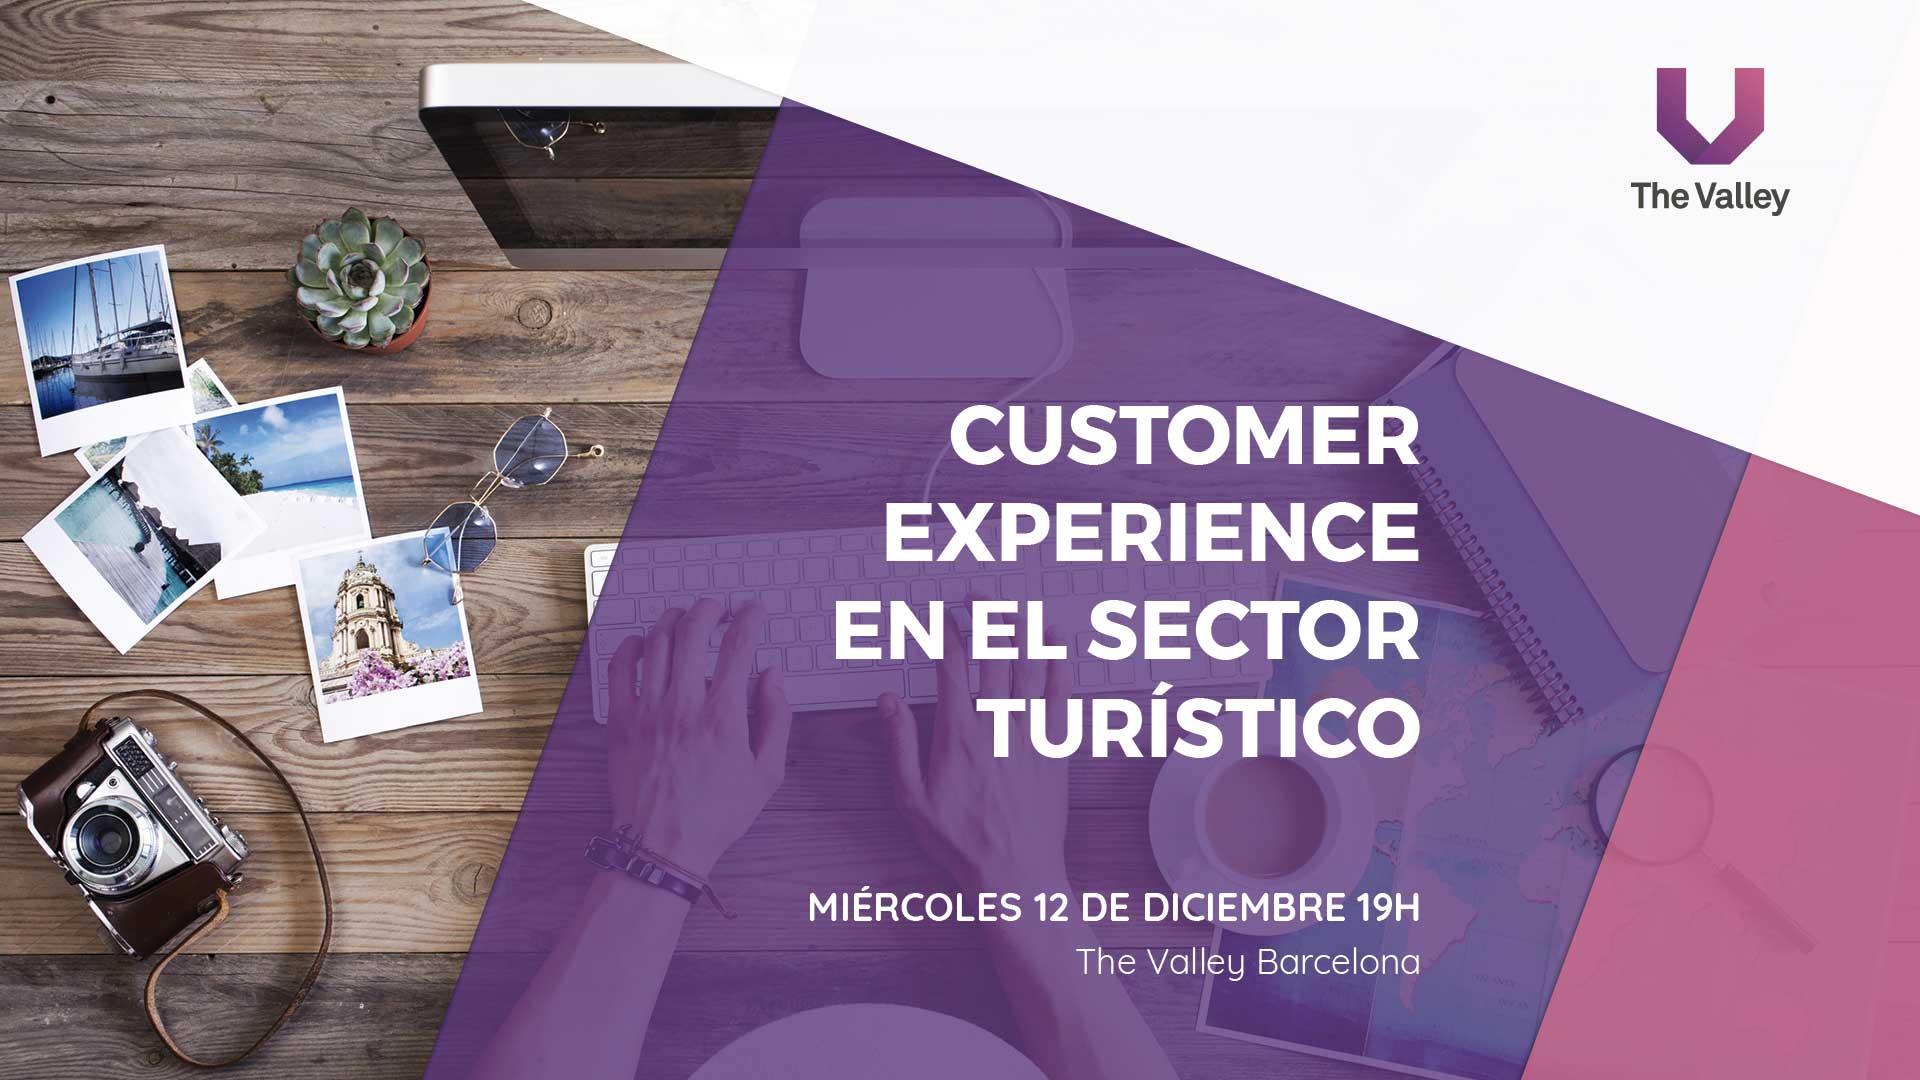 Customer experience en el sector turístico